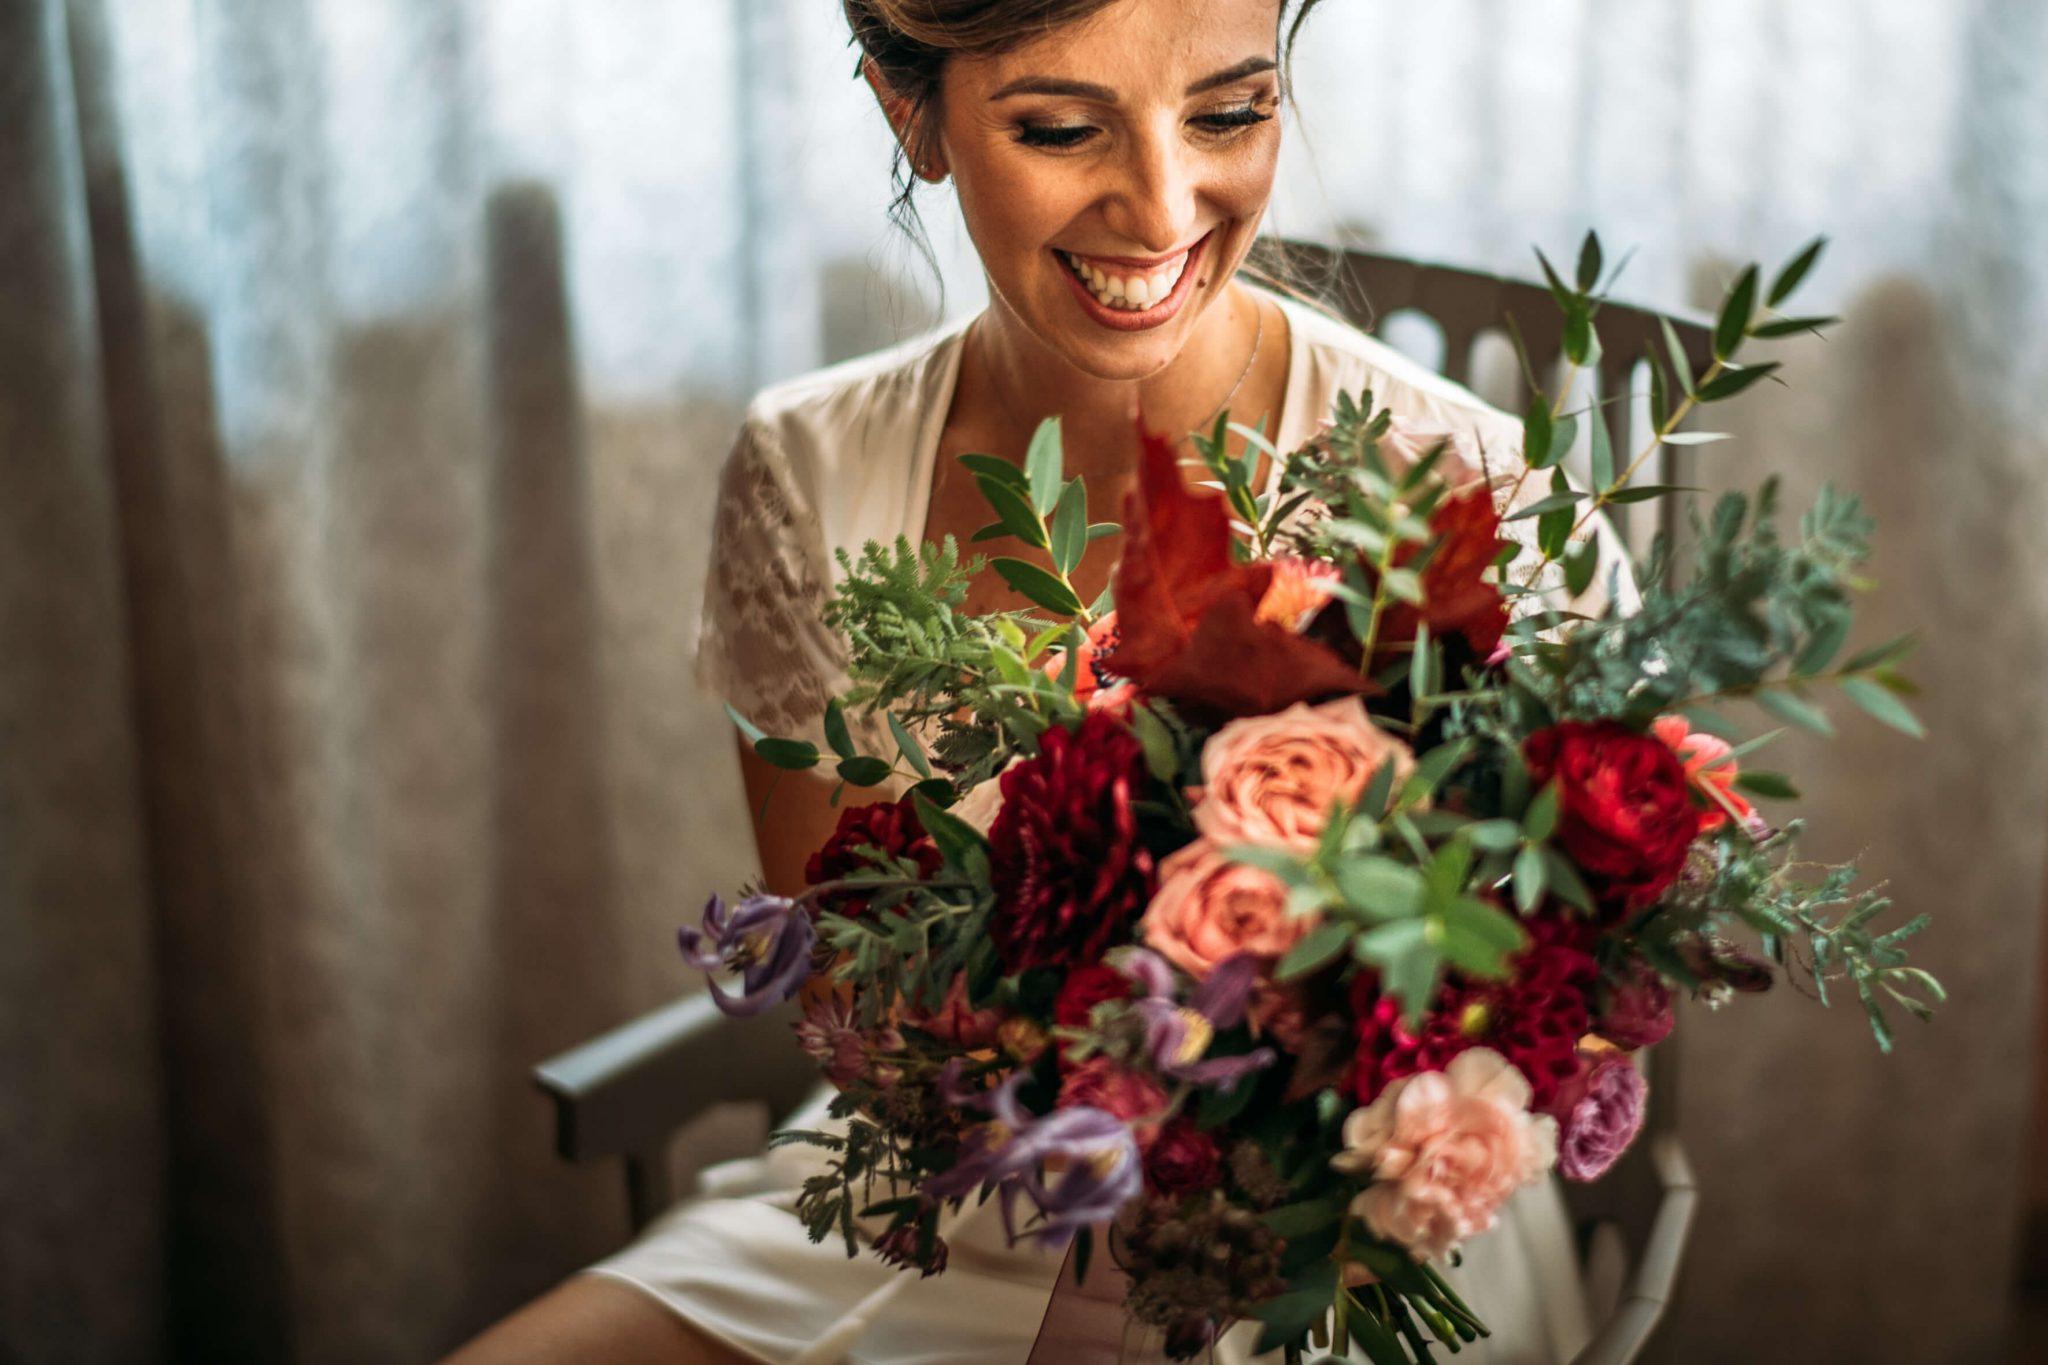 la sposa sorride felice tenendo in mano il bouquet